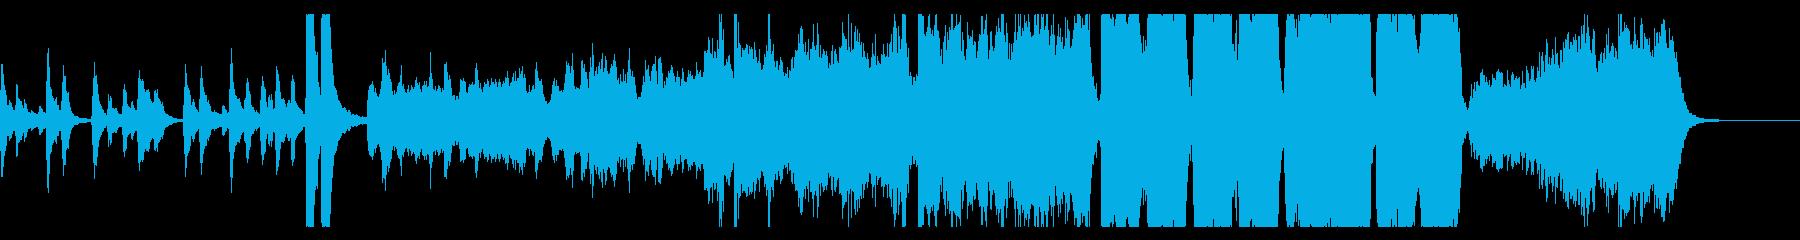 ハロウィン幽霊屋敷イメージのオケ曲の再生済みの波形